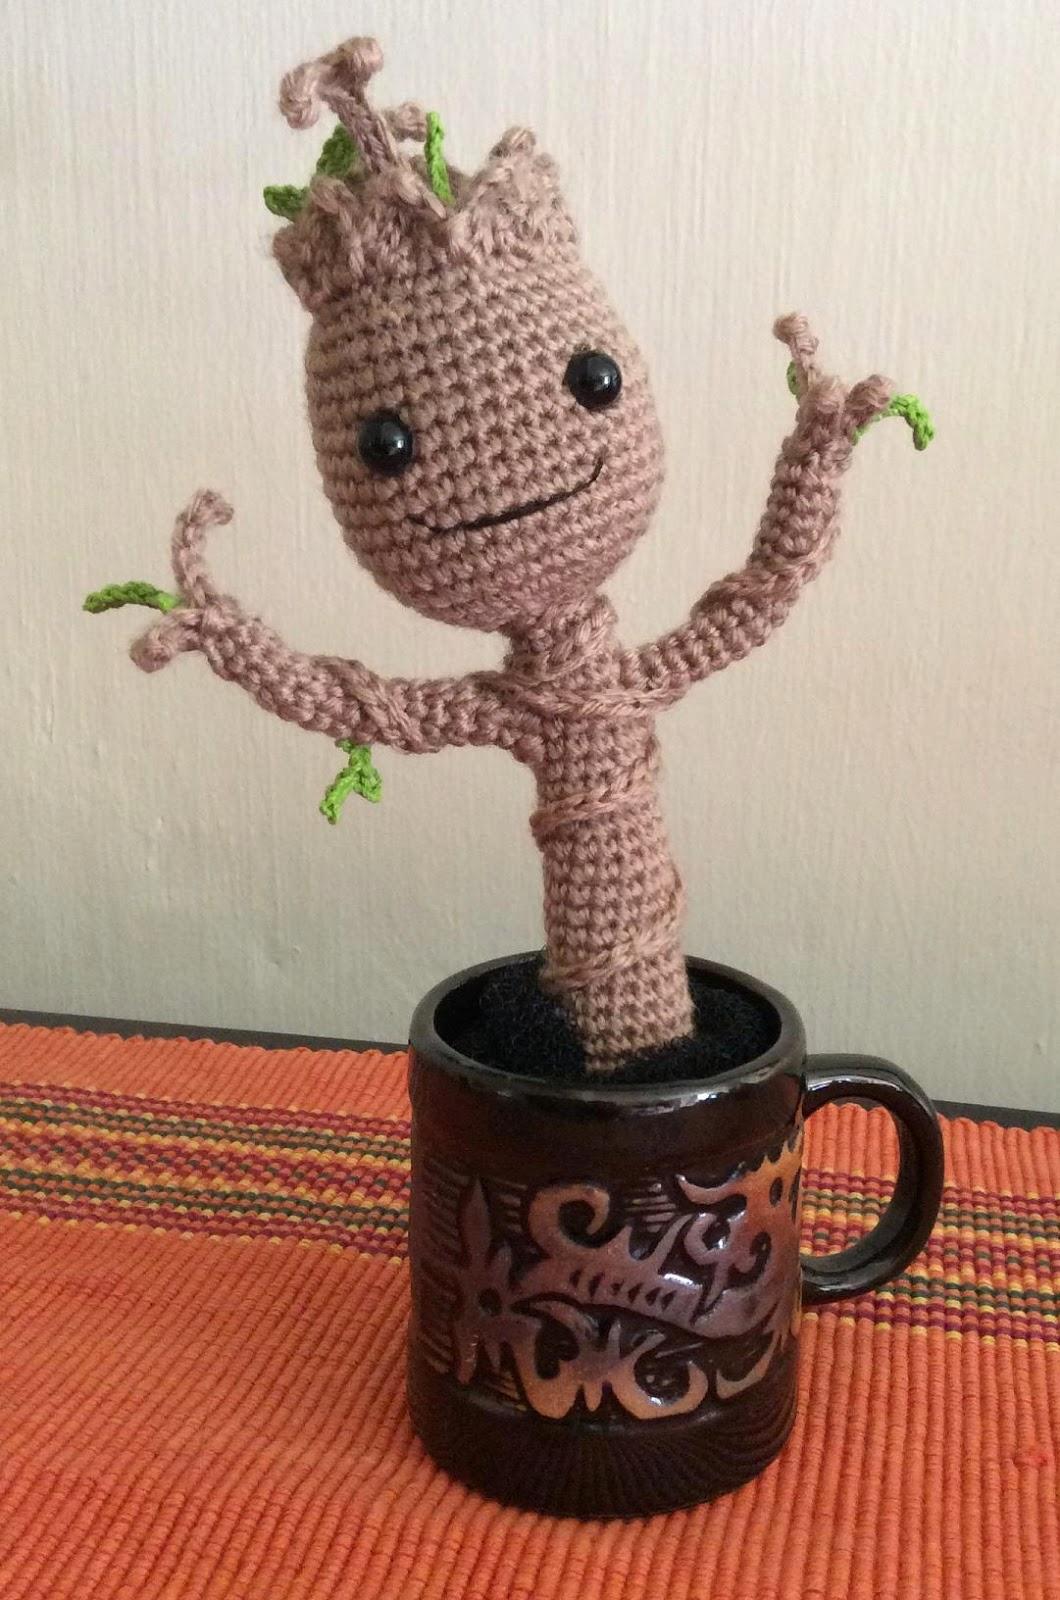 Amigurumi Patterns Groot : The Moody Homemaker: Another Crochet / Amigurumi Baby Groot